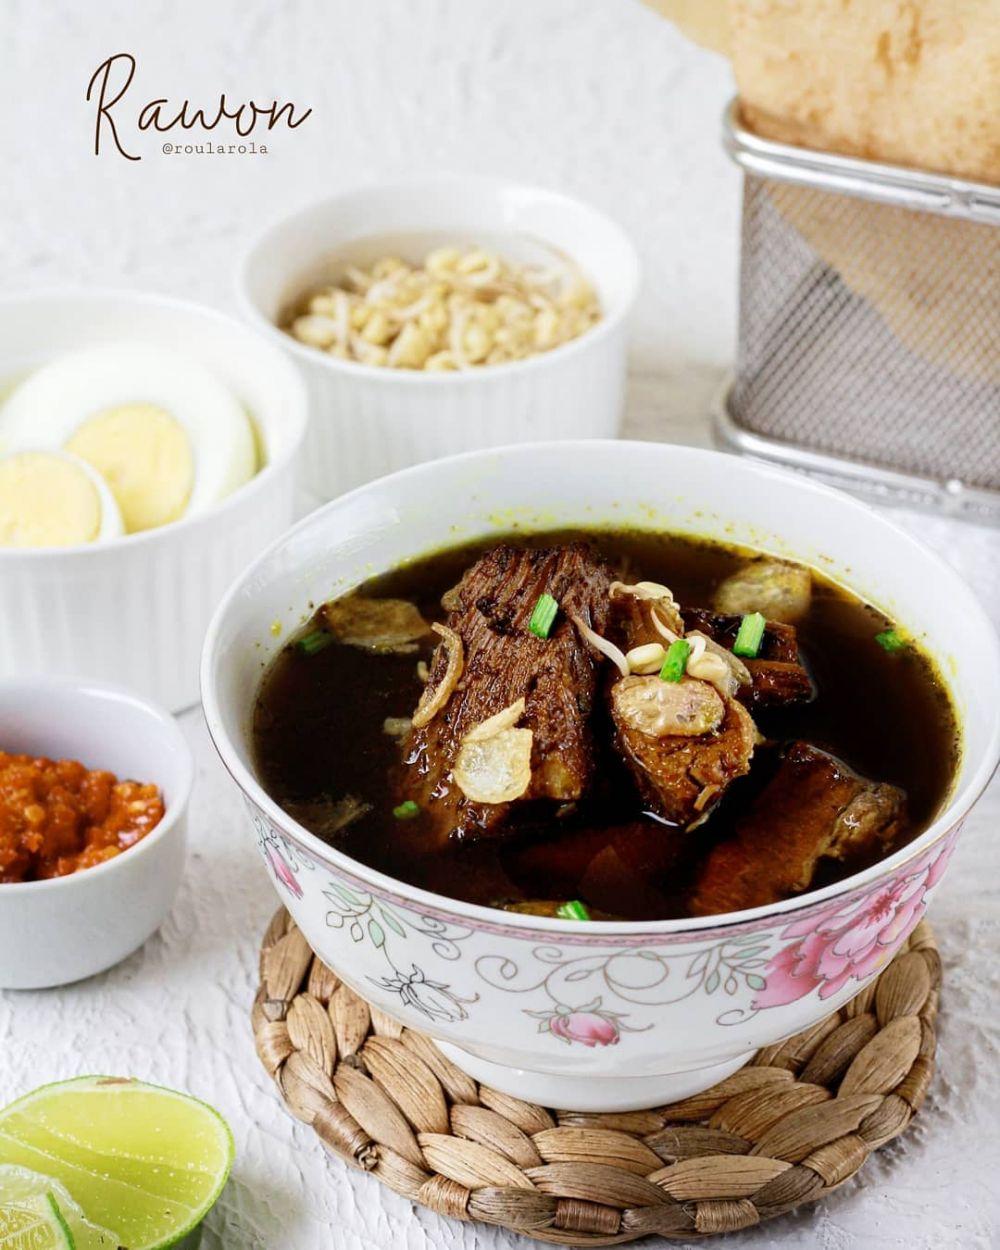 Resep kreasi daging manis © Instagram